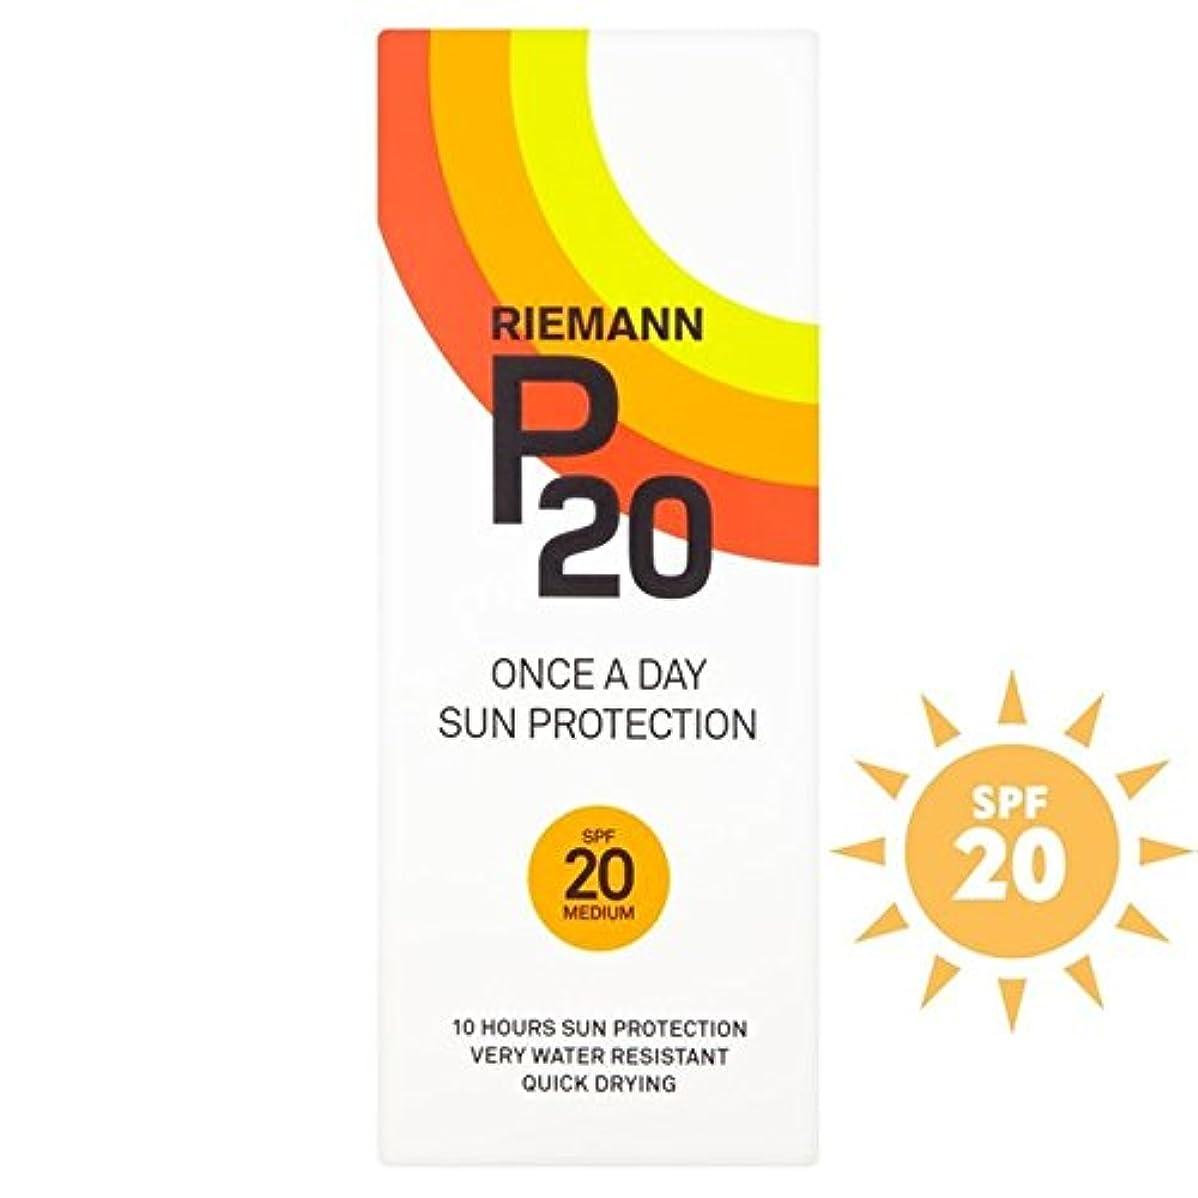 億無力熟練したリーマン20 20 1日/ 10時間の保護200ミリリットル x4 - Riemann P20 SPF20 1 Day/10 Hour Protection 200ml (Pack of 4) [並行輸入品]